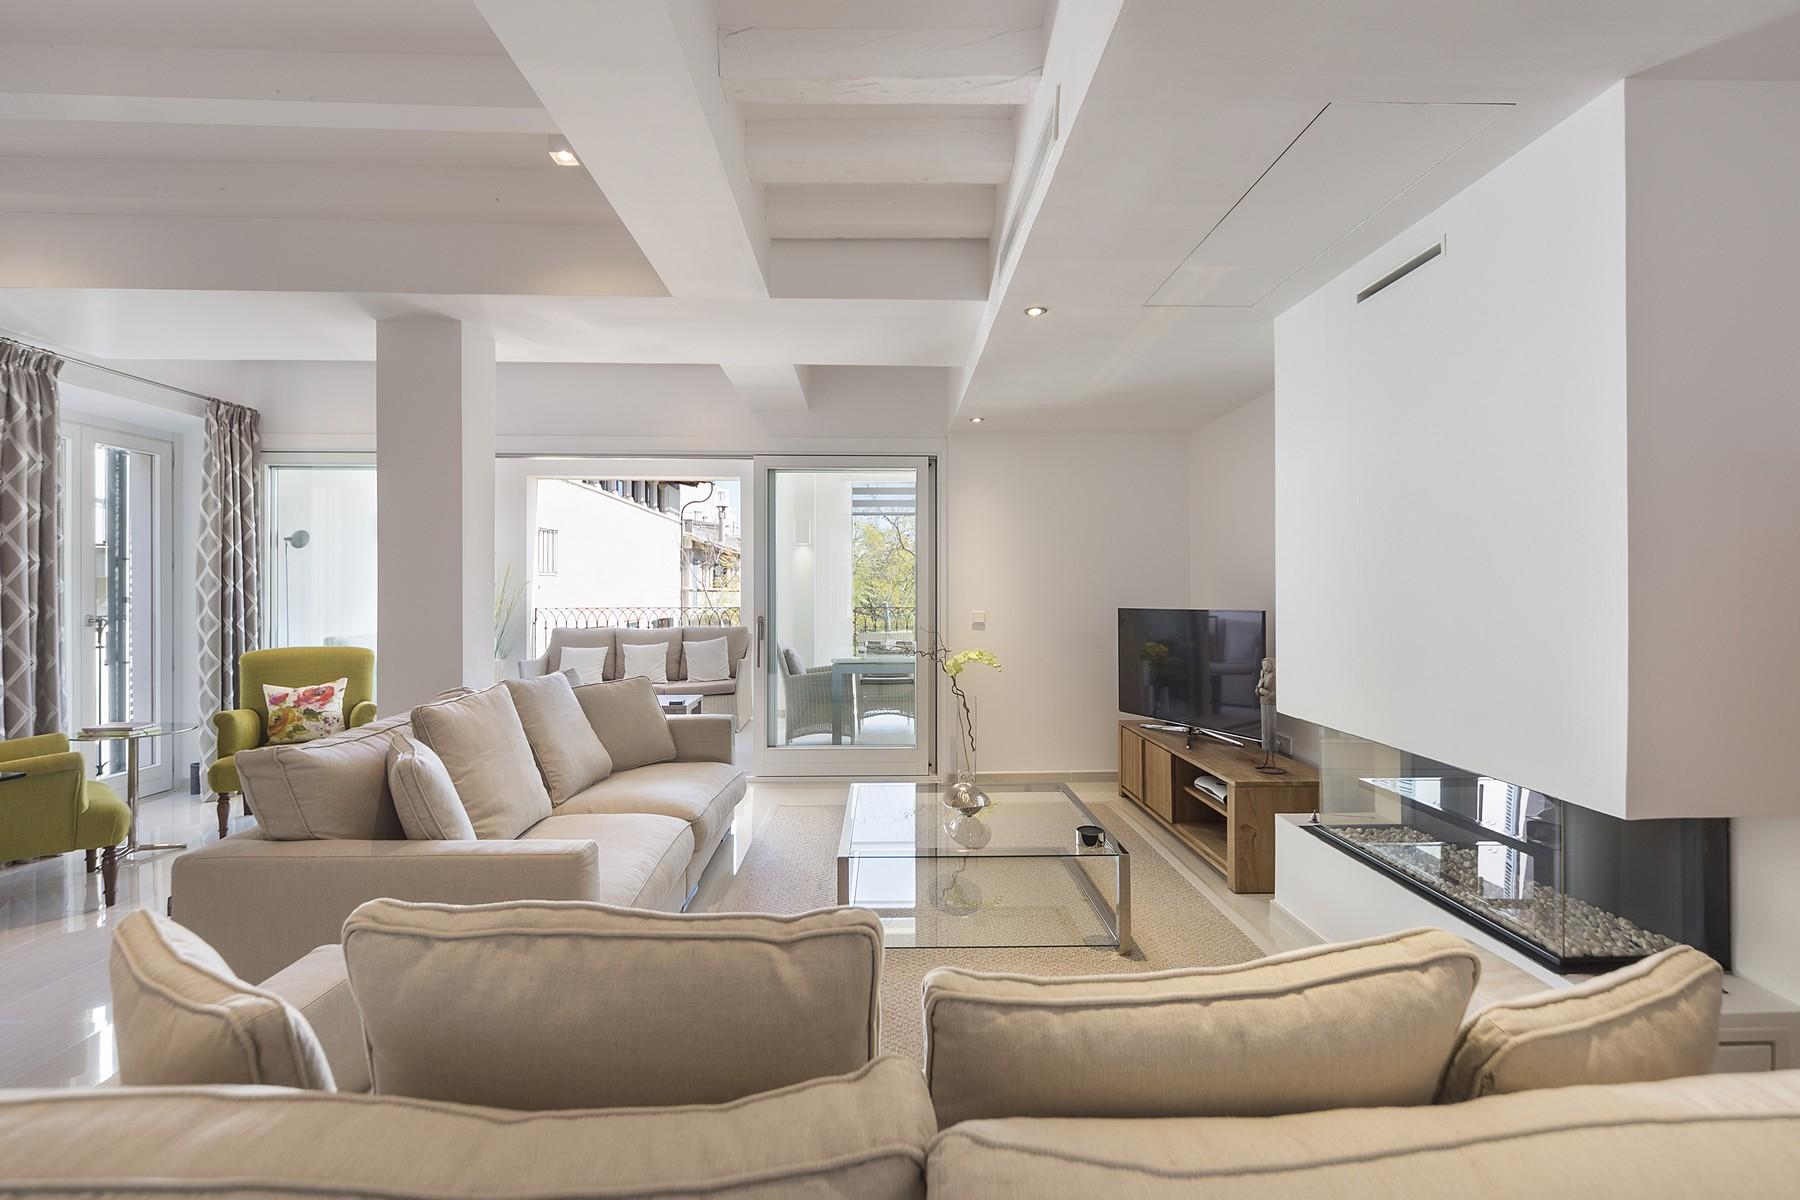 独户住宅 为 销售 在 Exceptional luxury apartment in Old Town Palma 帕尔马, 马洛卡, 西班牙